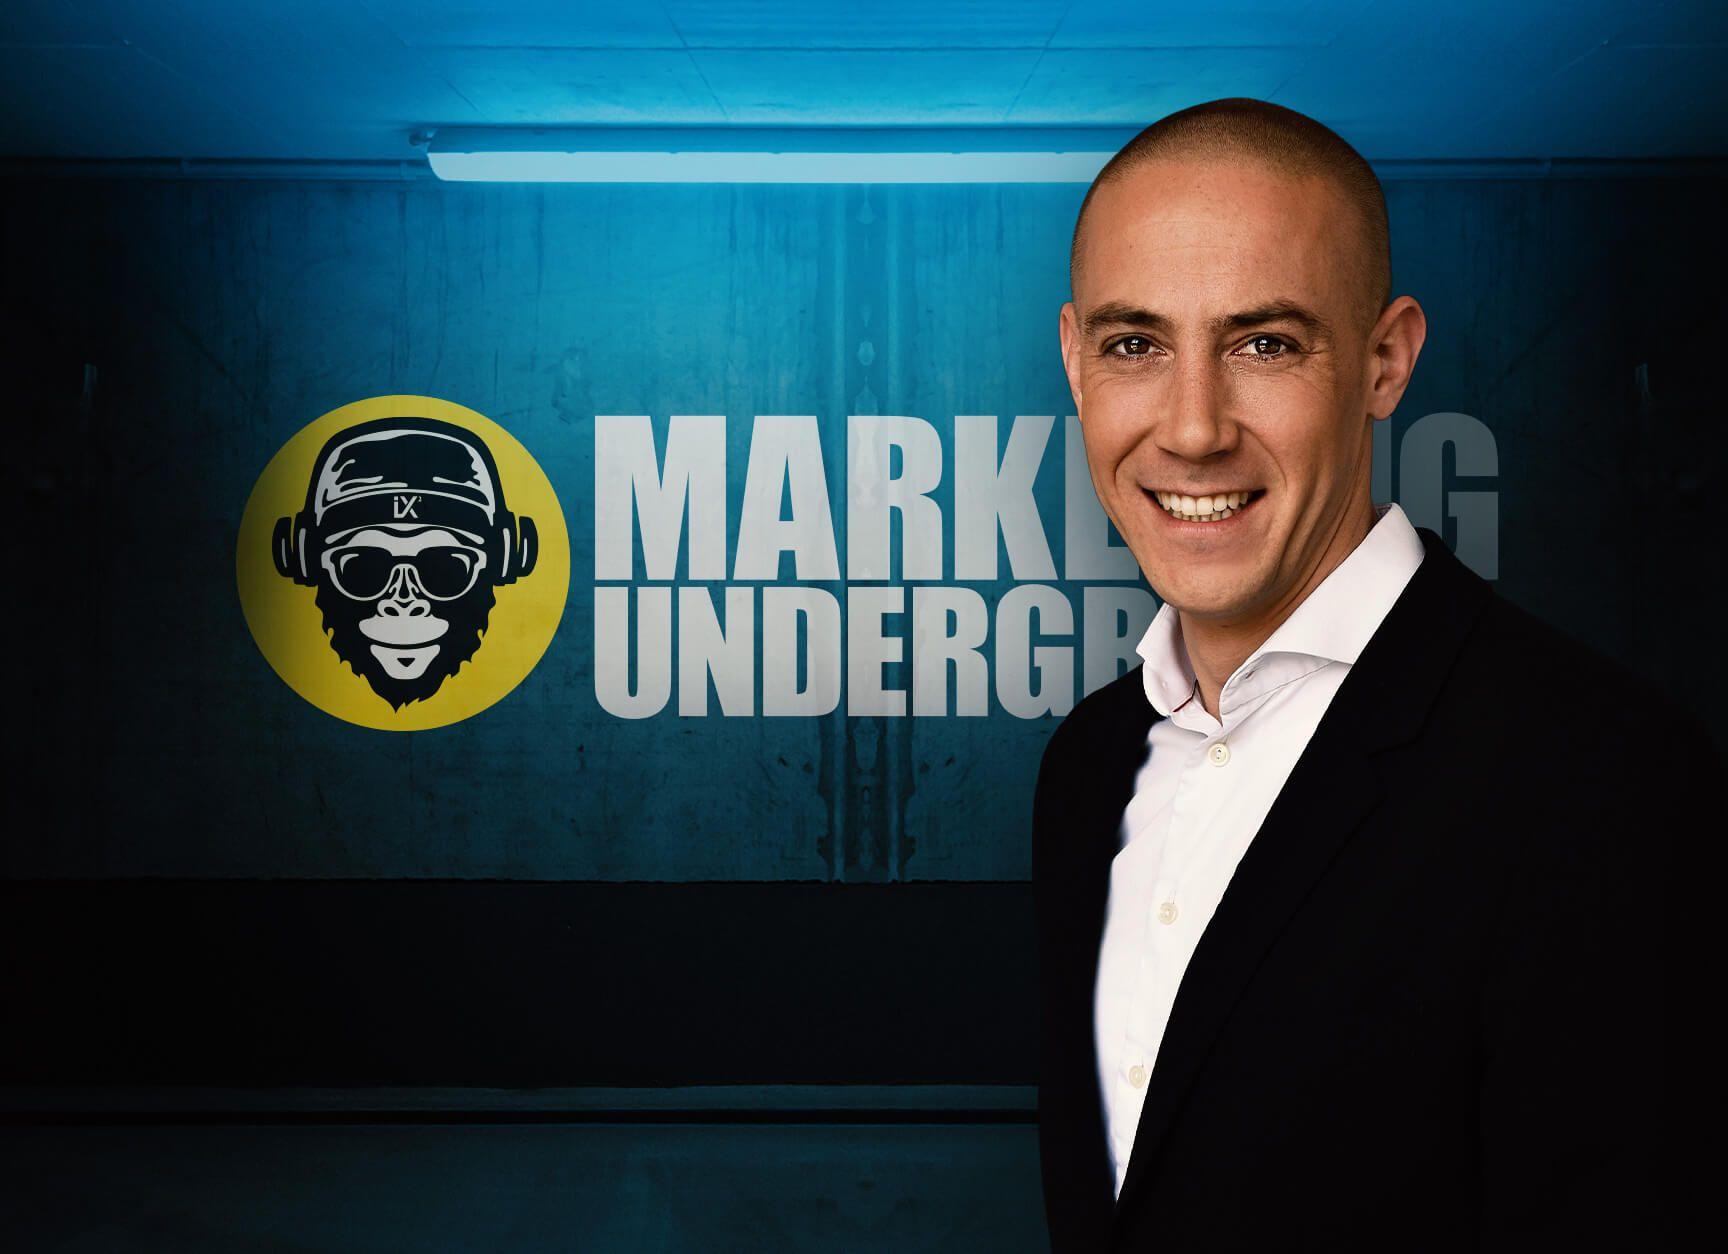 Marketing Underground 2020: diva-e ist dabei